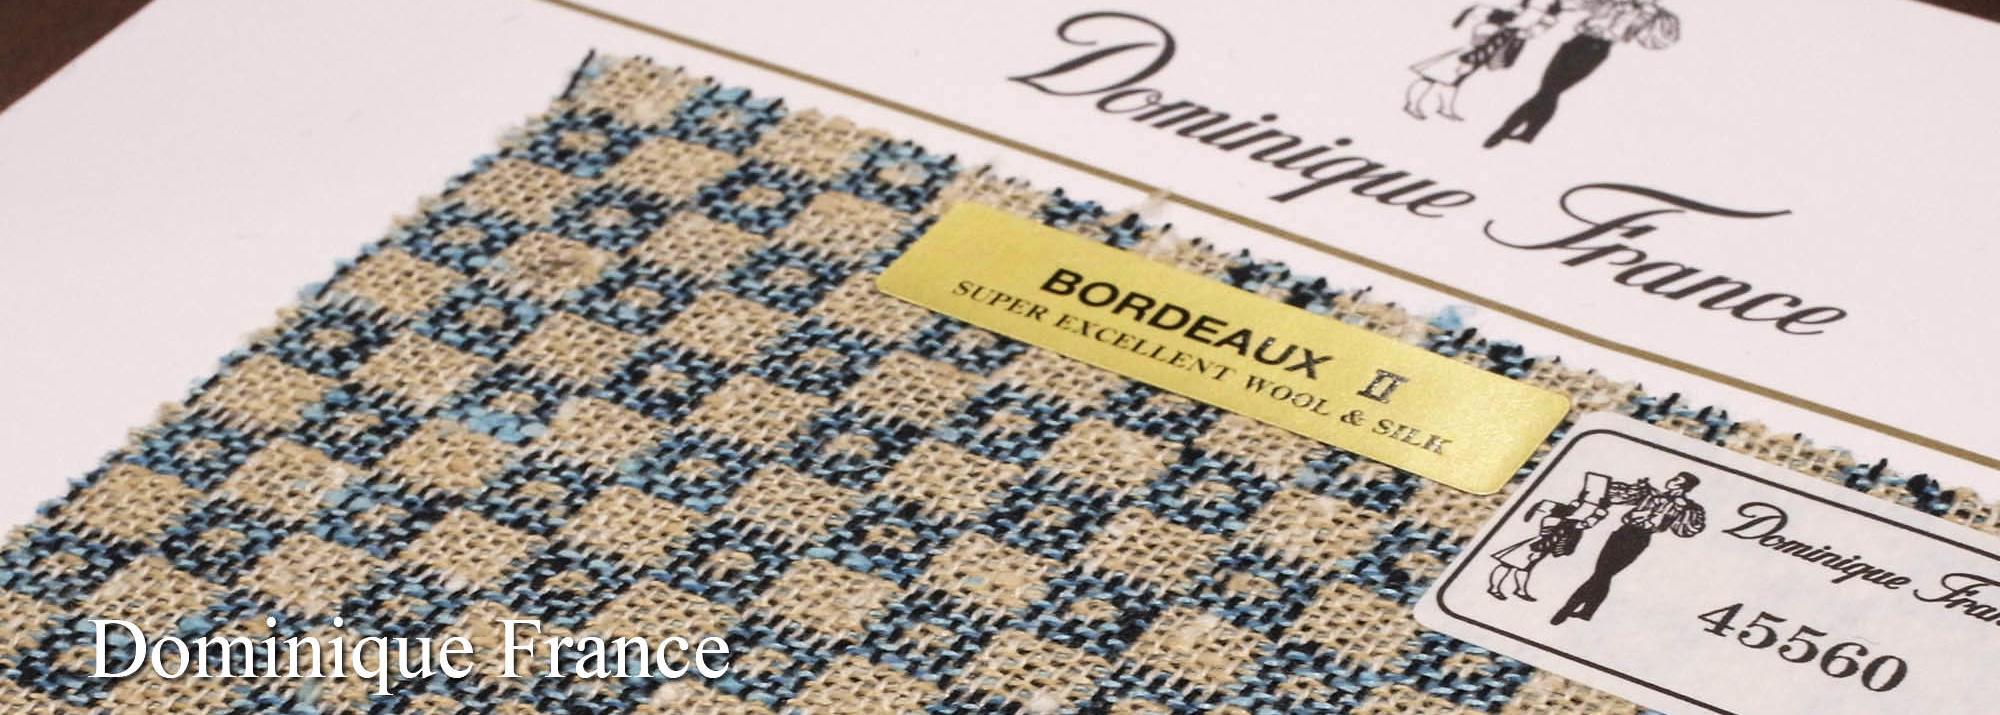 Dominique France ドミニック・フランス